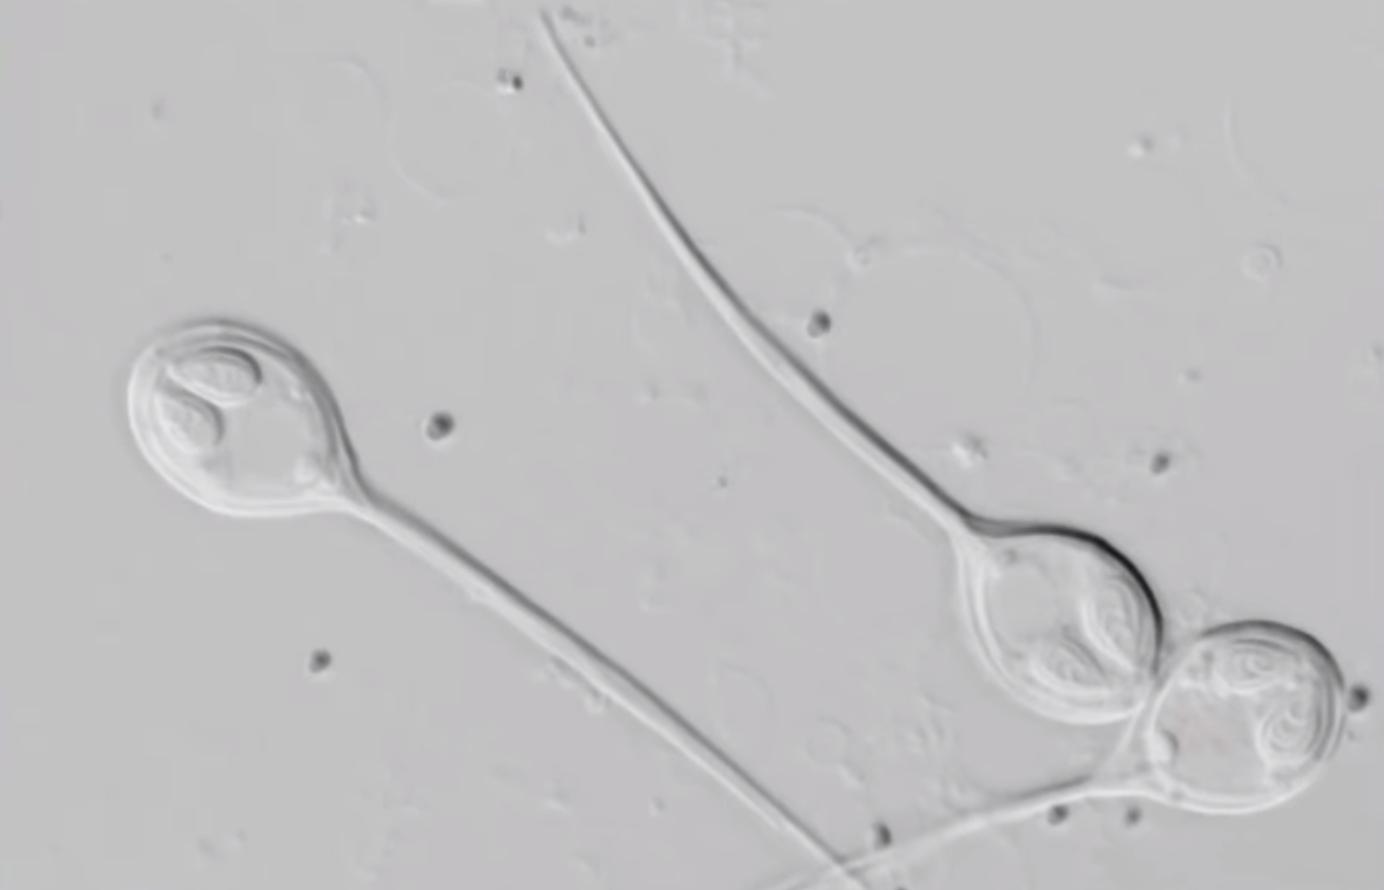 Причуды эволюции: открытие организма, живущего без кислорода - 1